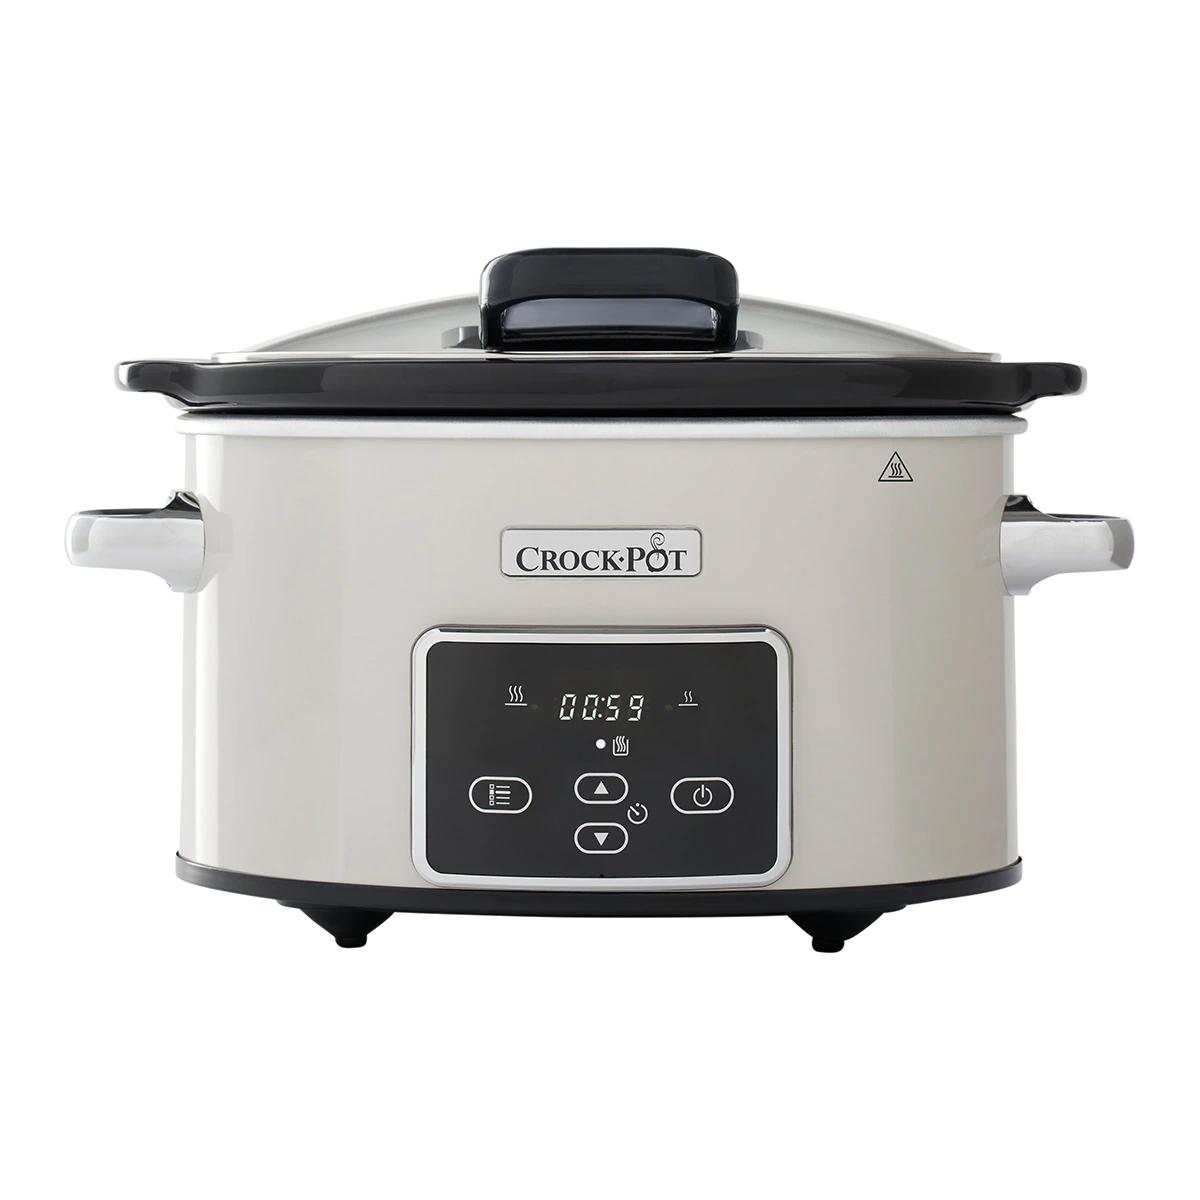 Olla eléctrica CrockPot CSC060X con dos niveles de potencia.